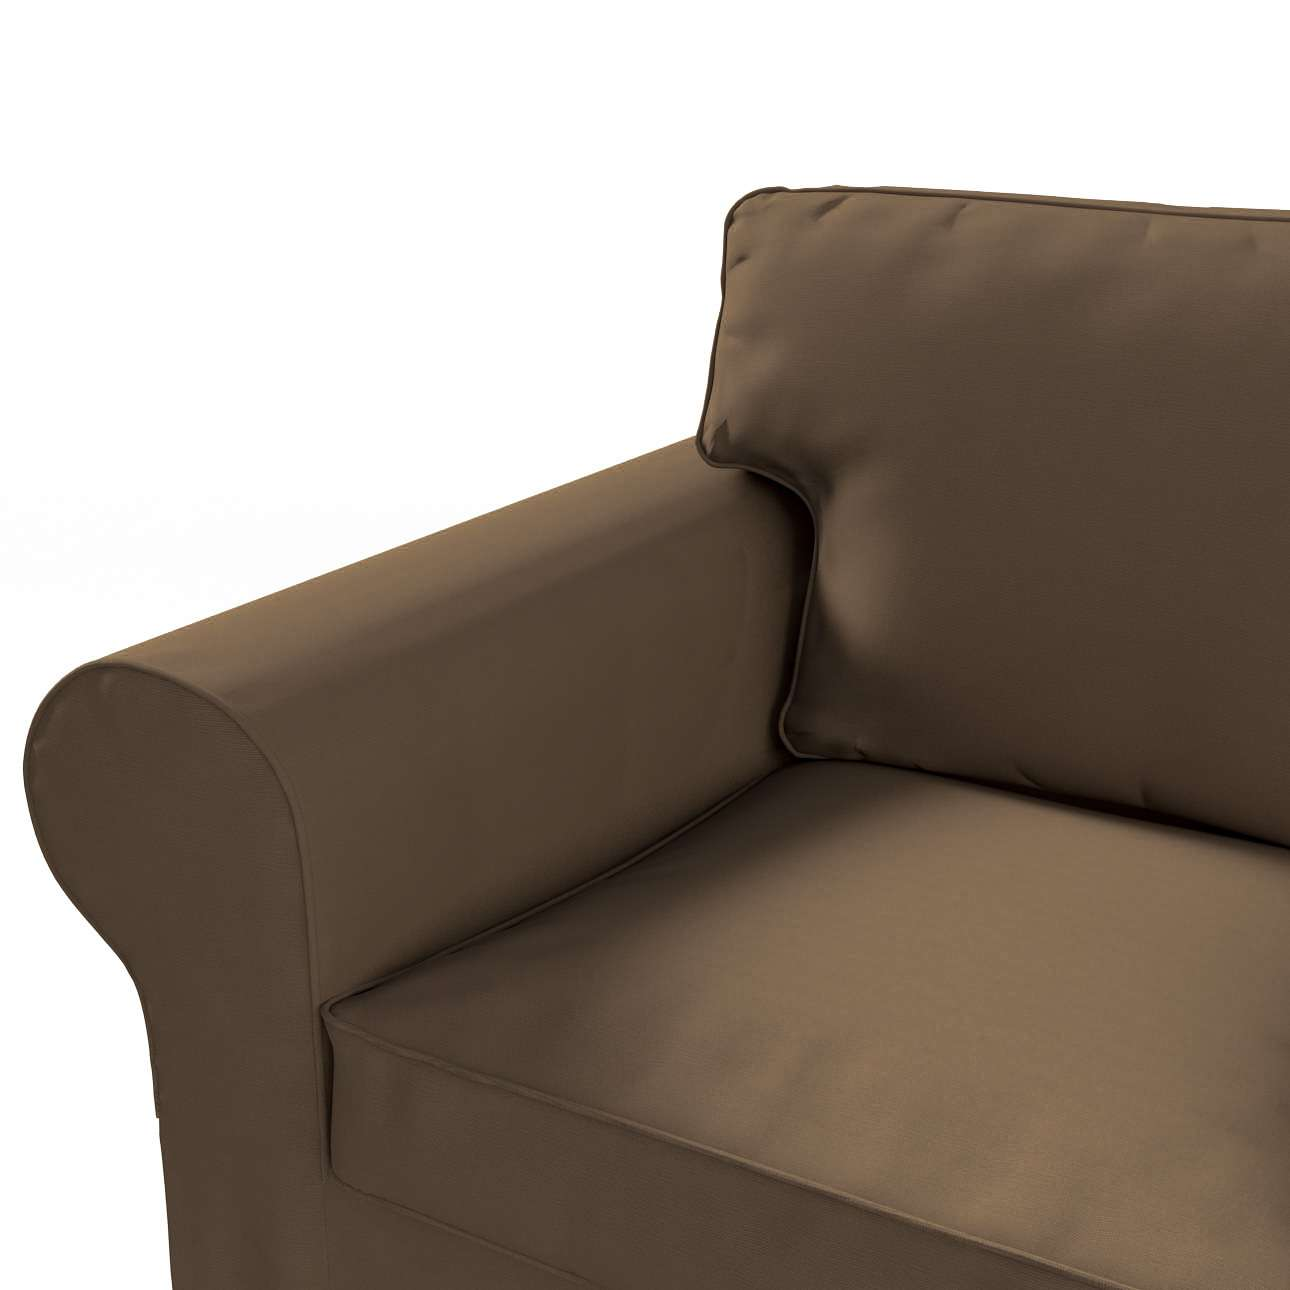 Pokrowiec na sofę Ektorp 3-osobową, rozkładaną NOWY MODEL 2013 w kolekcji Cotton Panama, tkanina: 702-02